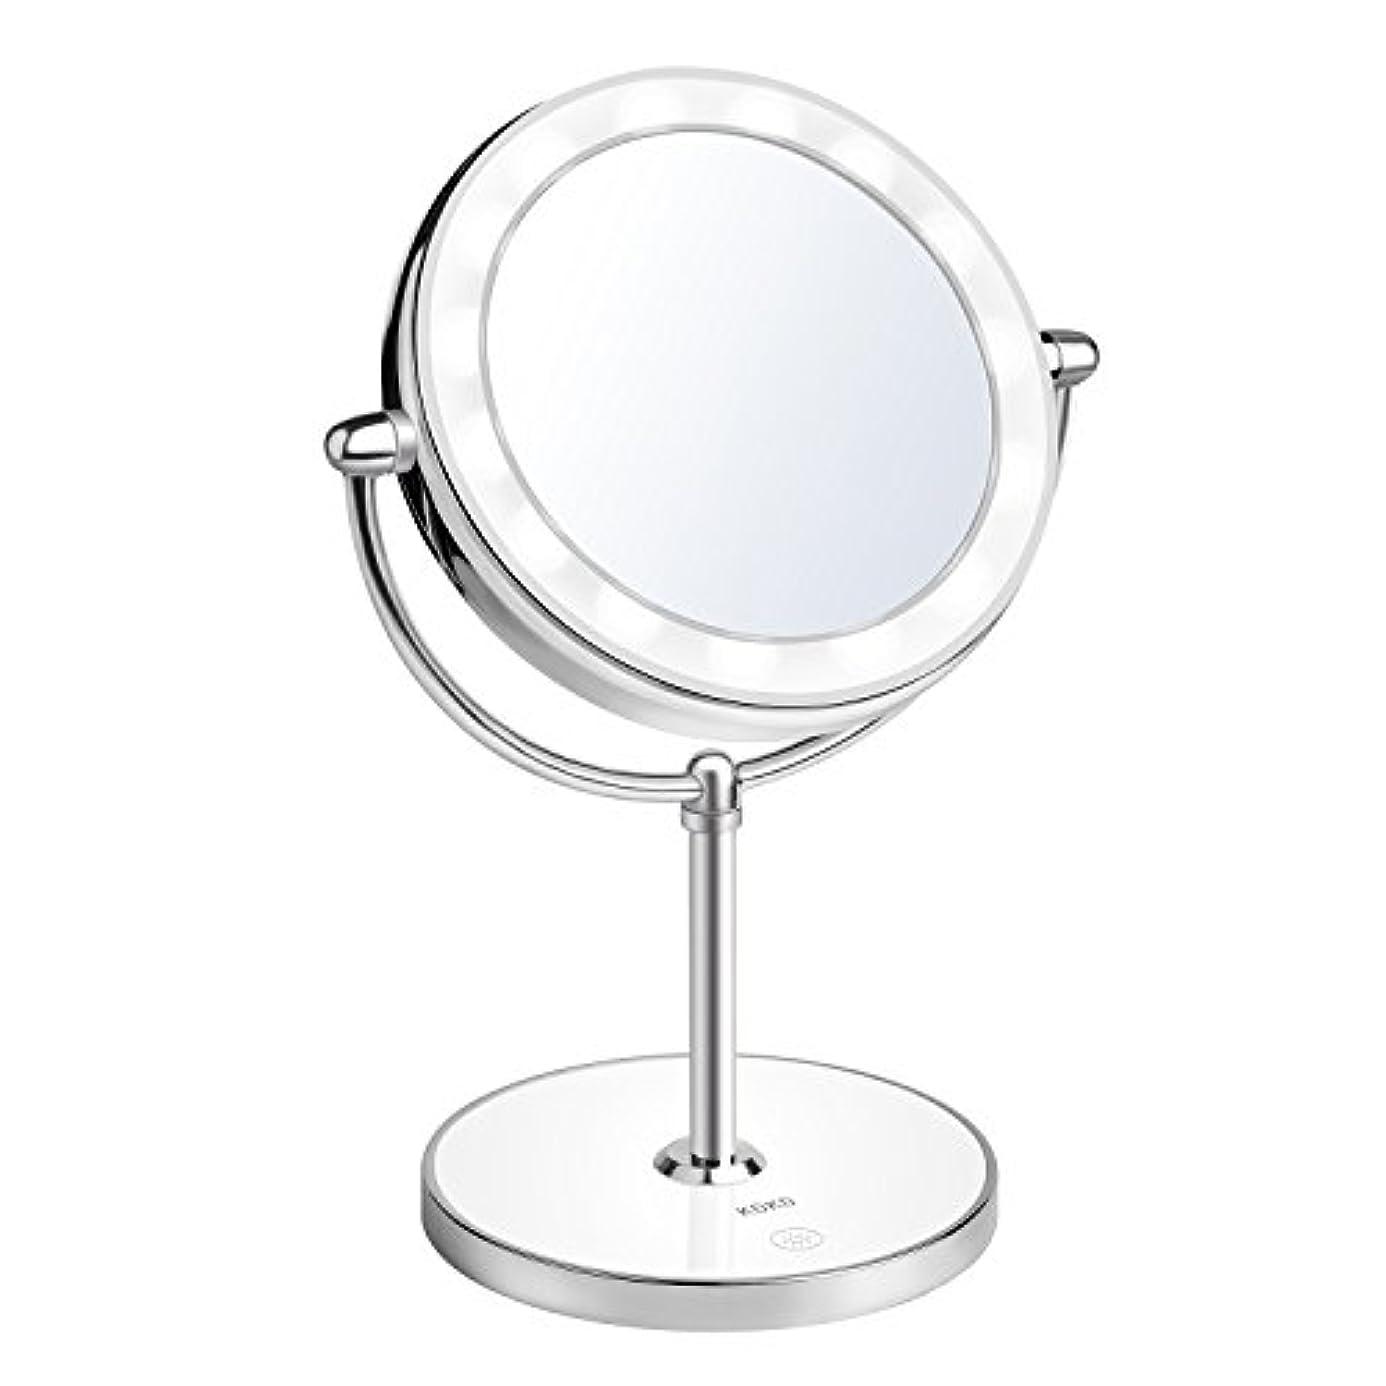 再生お肉補うKDKD LED光る ライト付き化粧鏡 回転式 1X 及び7倍率ミラー タッチ制御で調光可能 ライト付きメイクアップミラー コードレス 卓上鏡  スタンドミラー 充電式両面化粧鏡 銀色